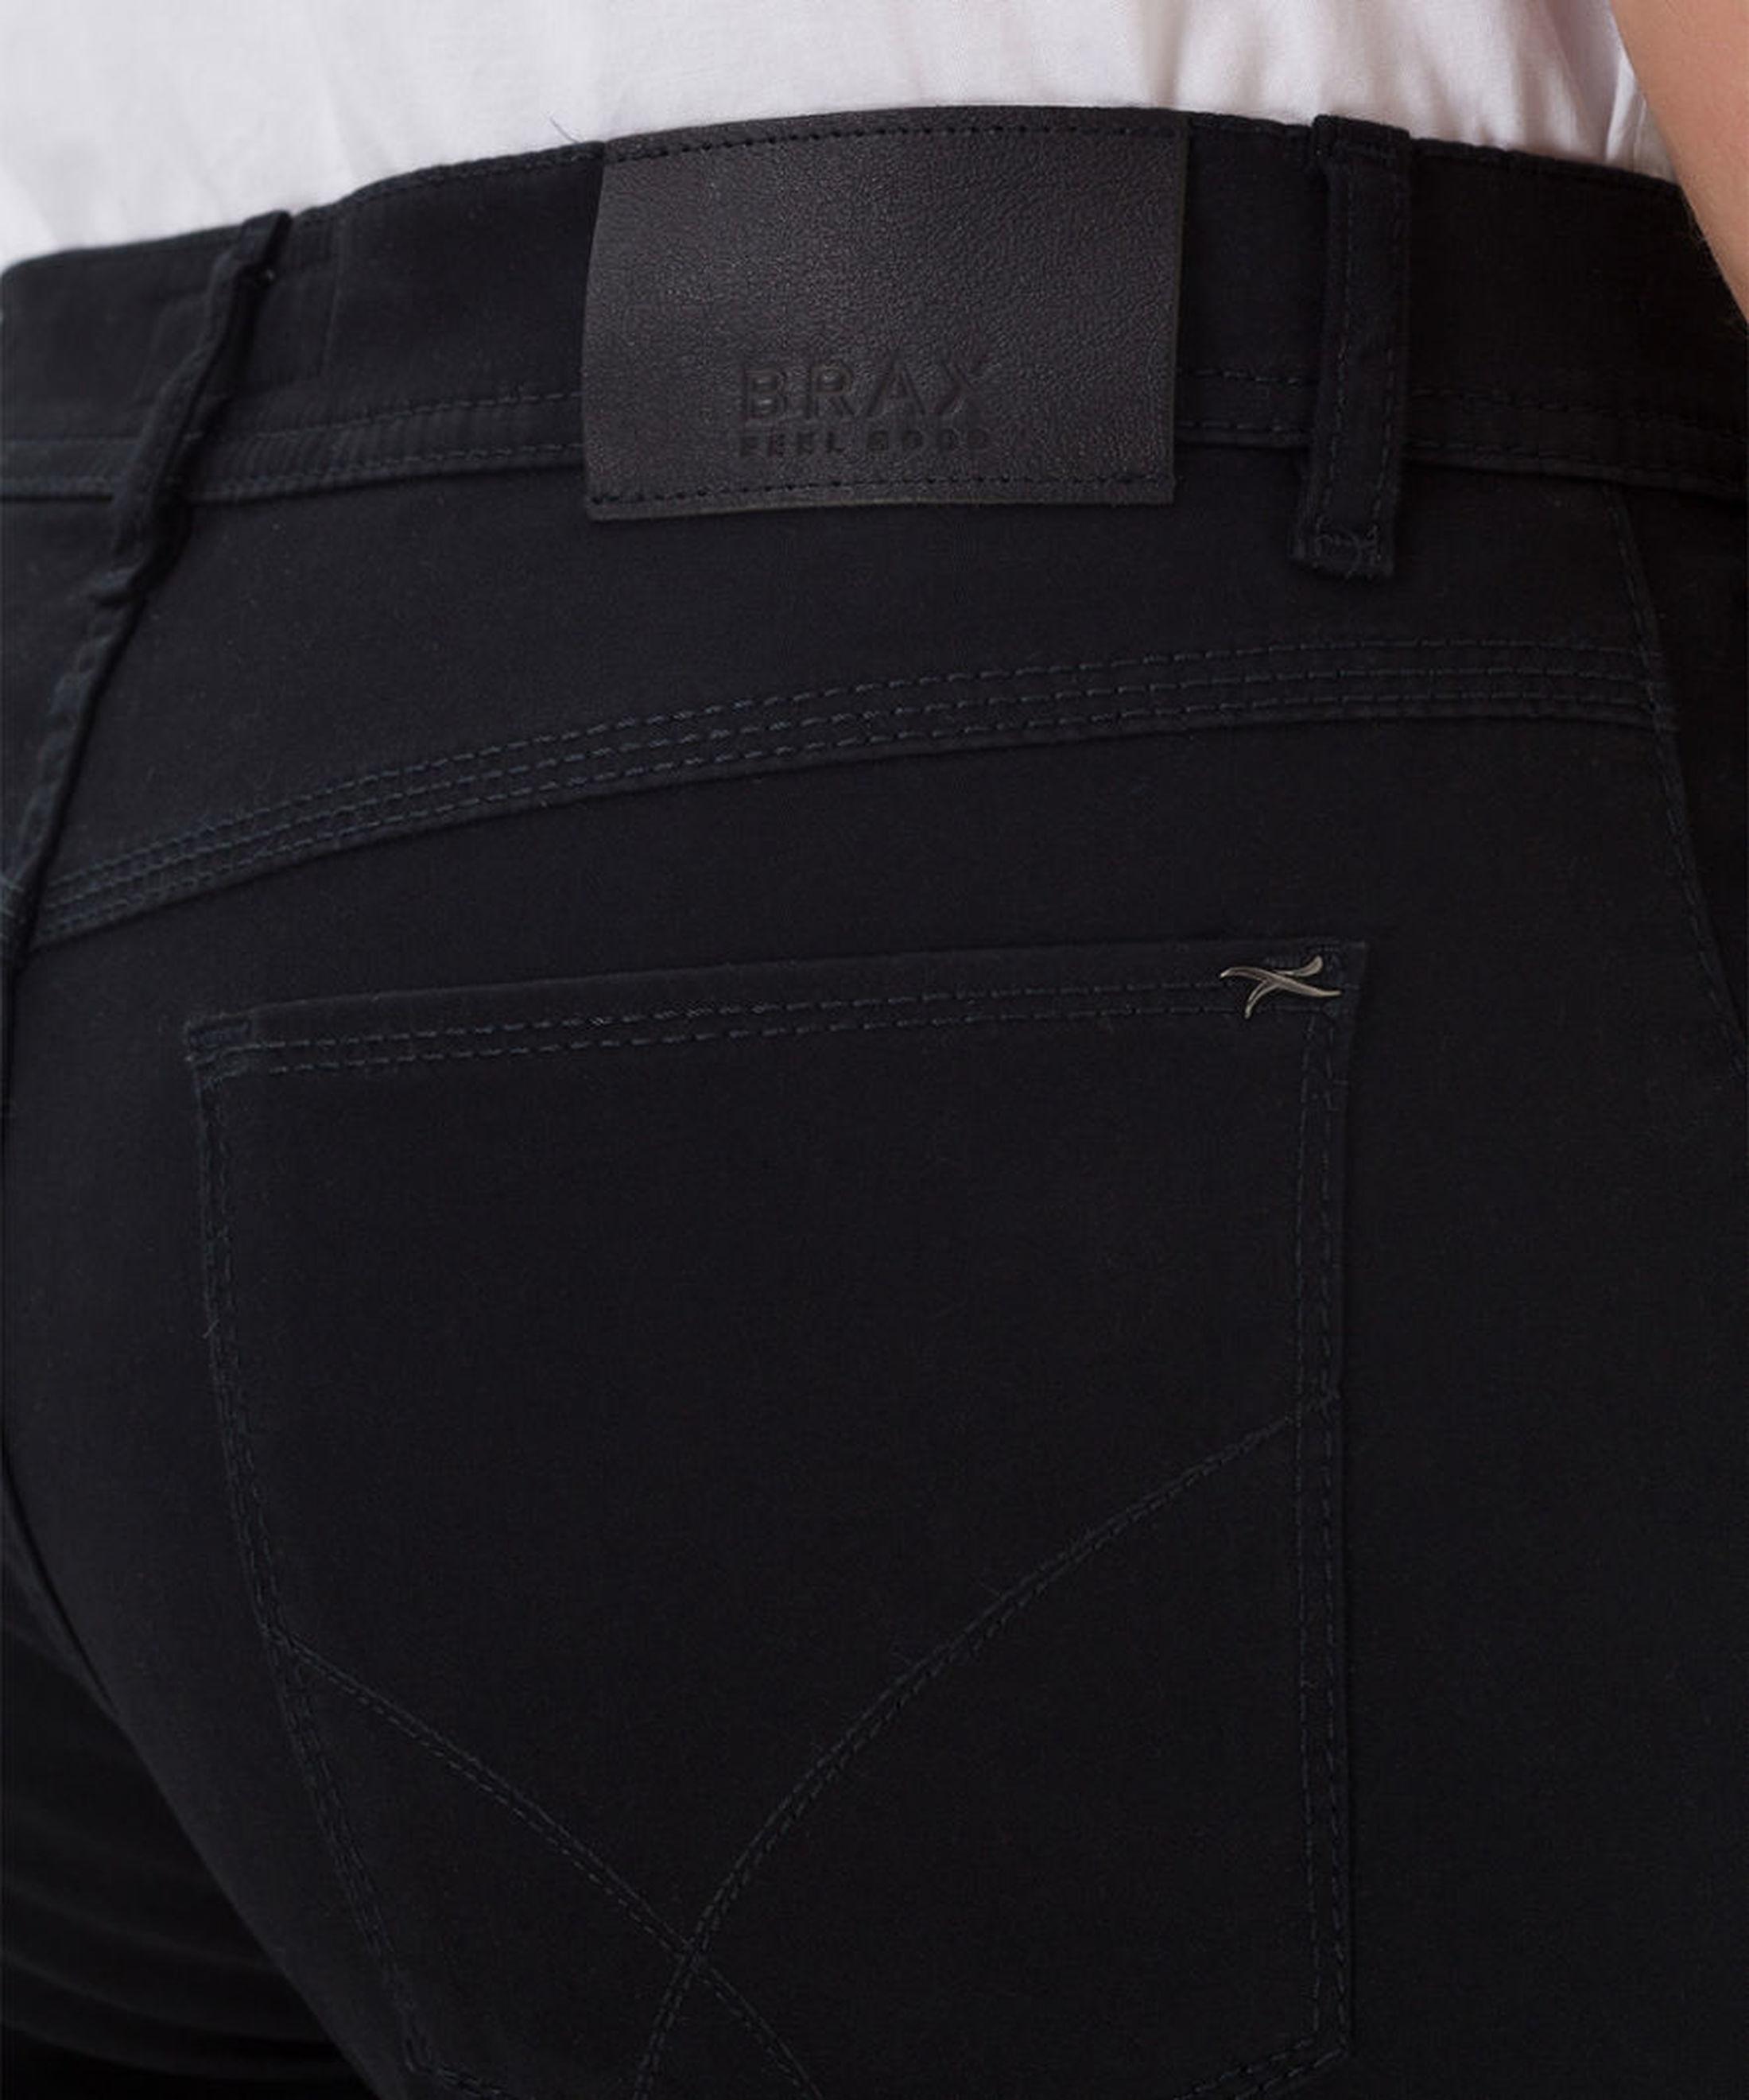 Brax Trousers Cooper Fancy Black